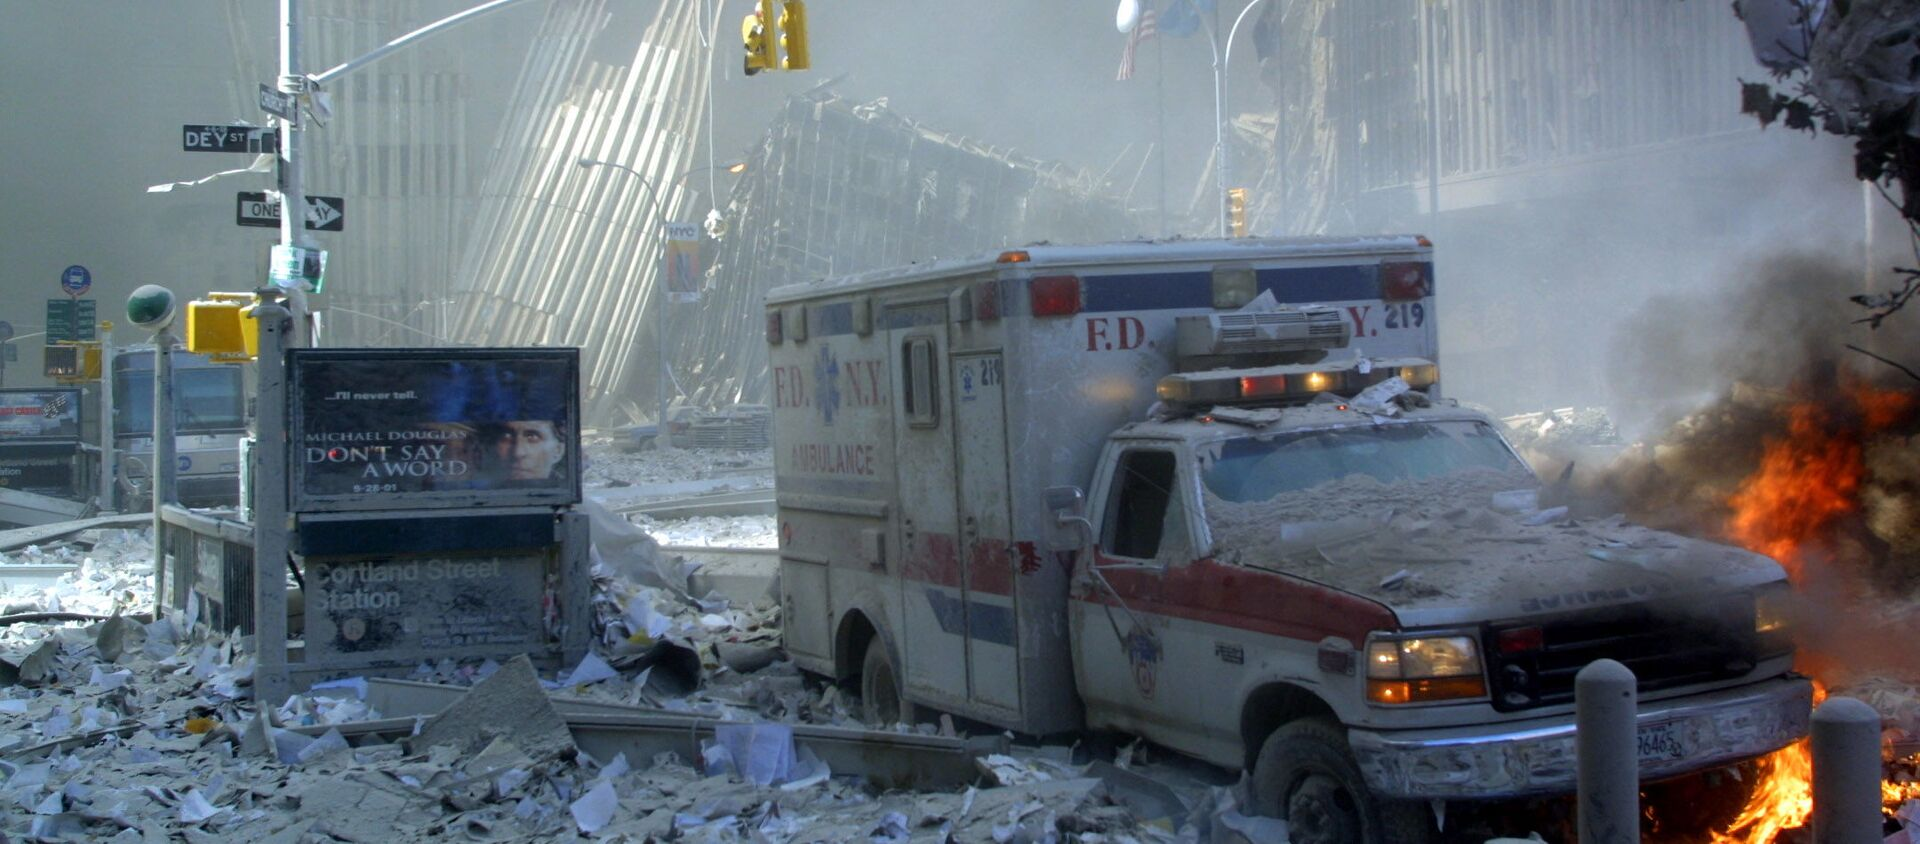 Chiếc xe cứu thương hư hỏng và con phố đổ nát sau khi sụp đổ tòa nhà Trung tâm Thương mại Thế giới ở New York - Sputnik Việt Nam, 1920, 11.09.2021